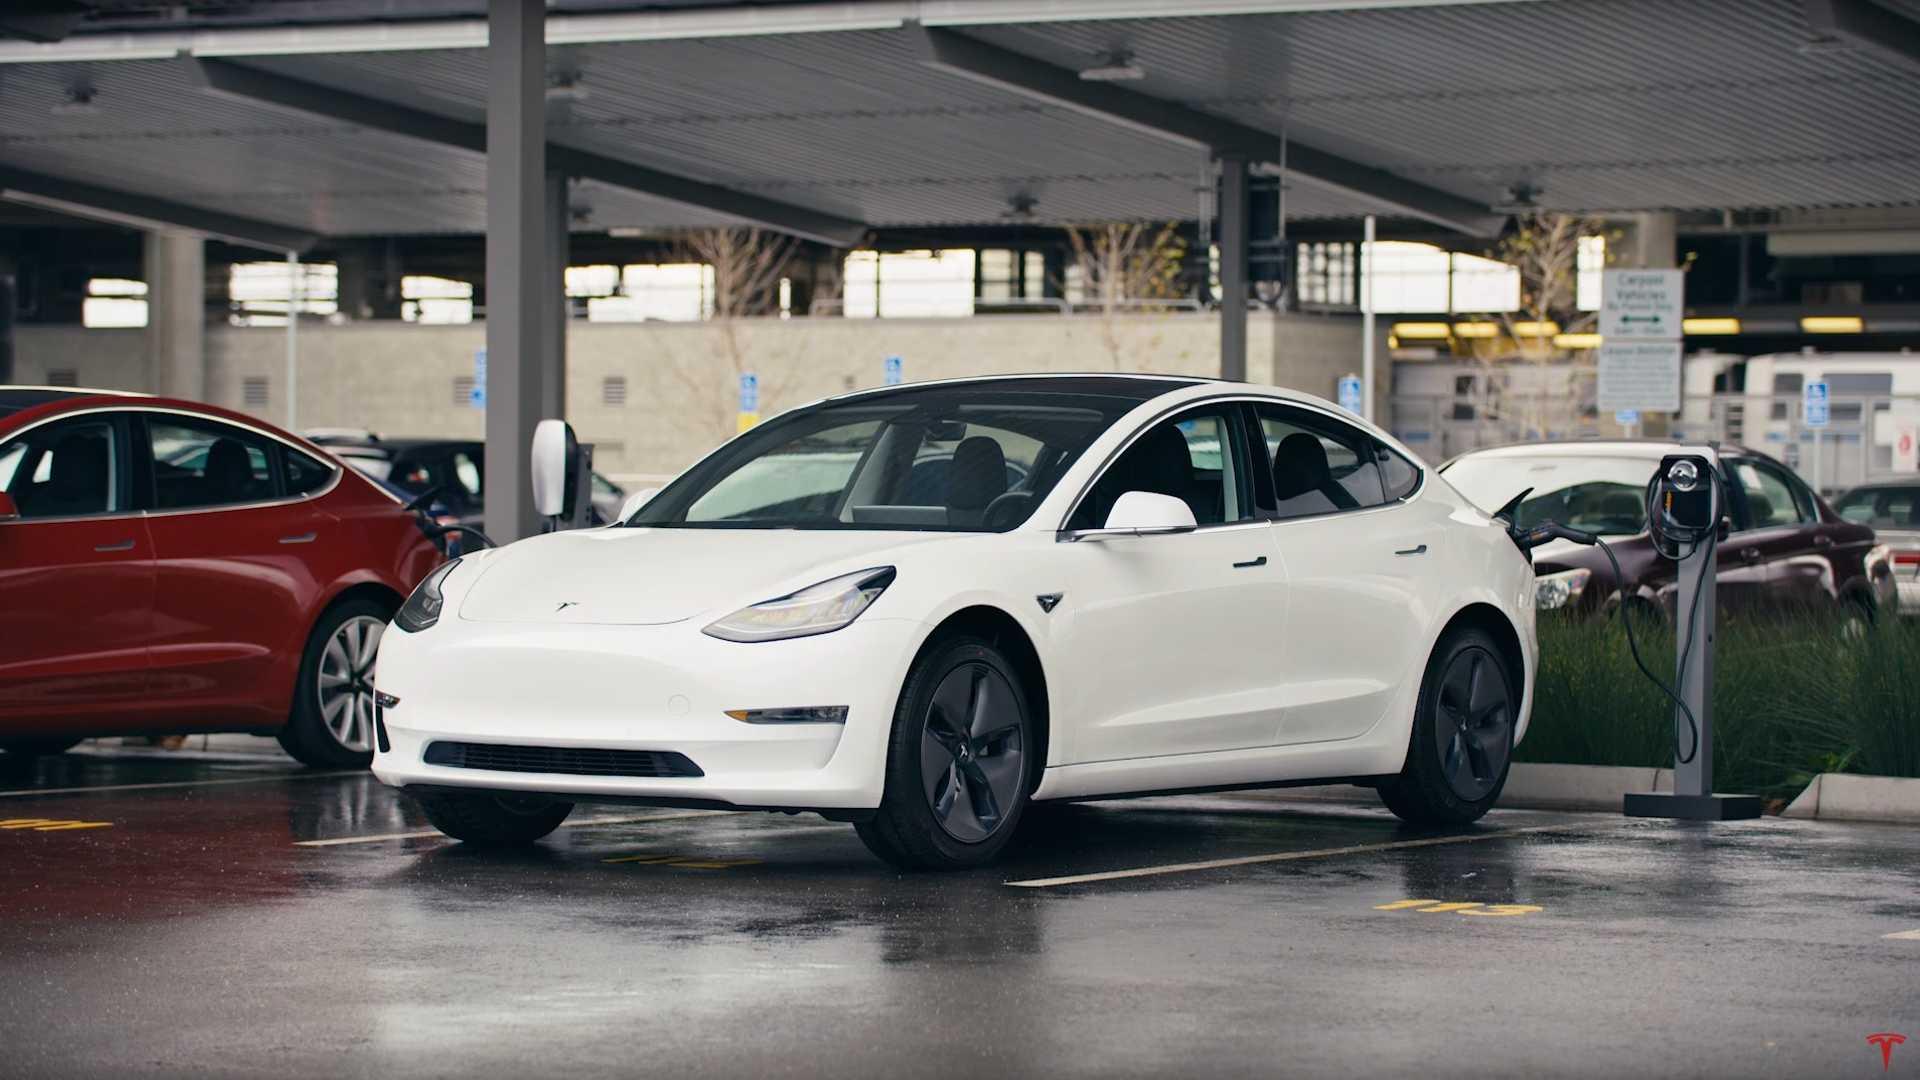 Тесла просит одобрить продажу модели 3 с более дешевой батареей